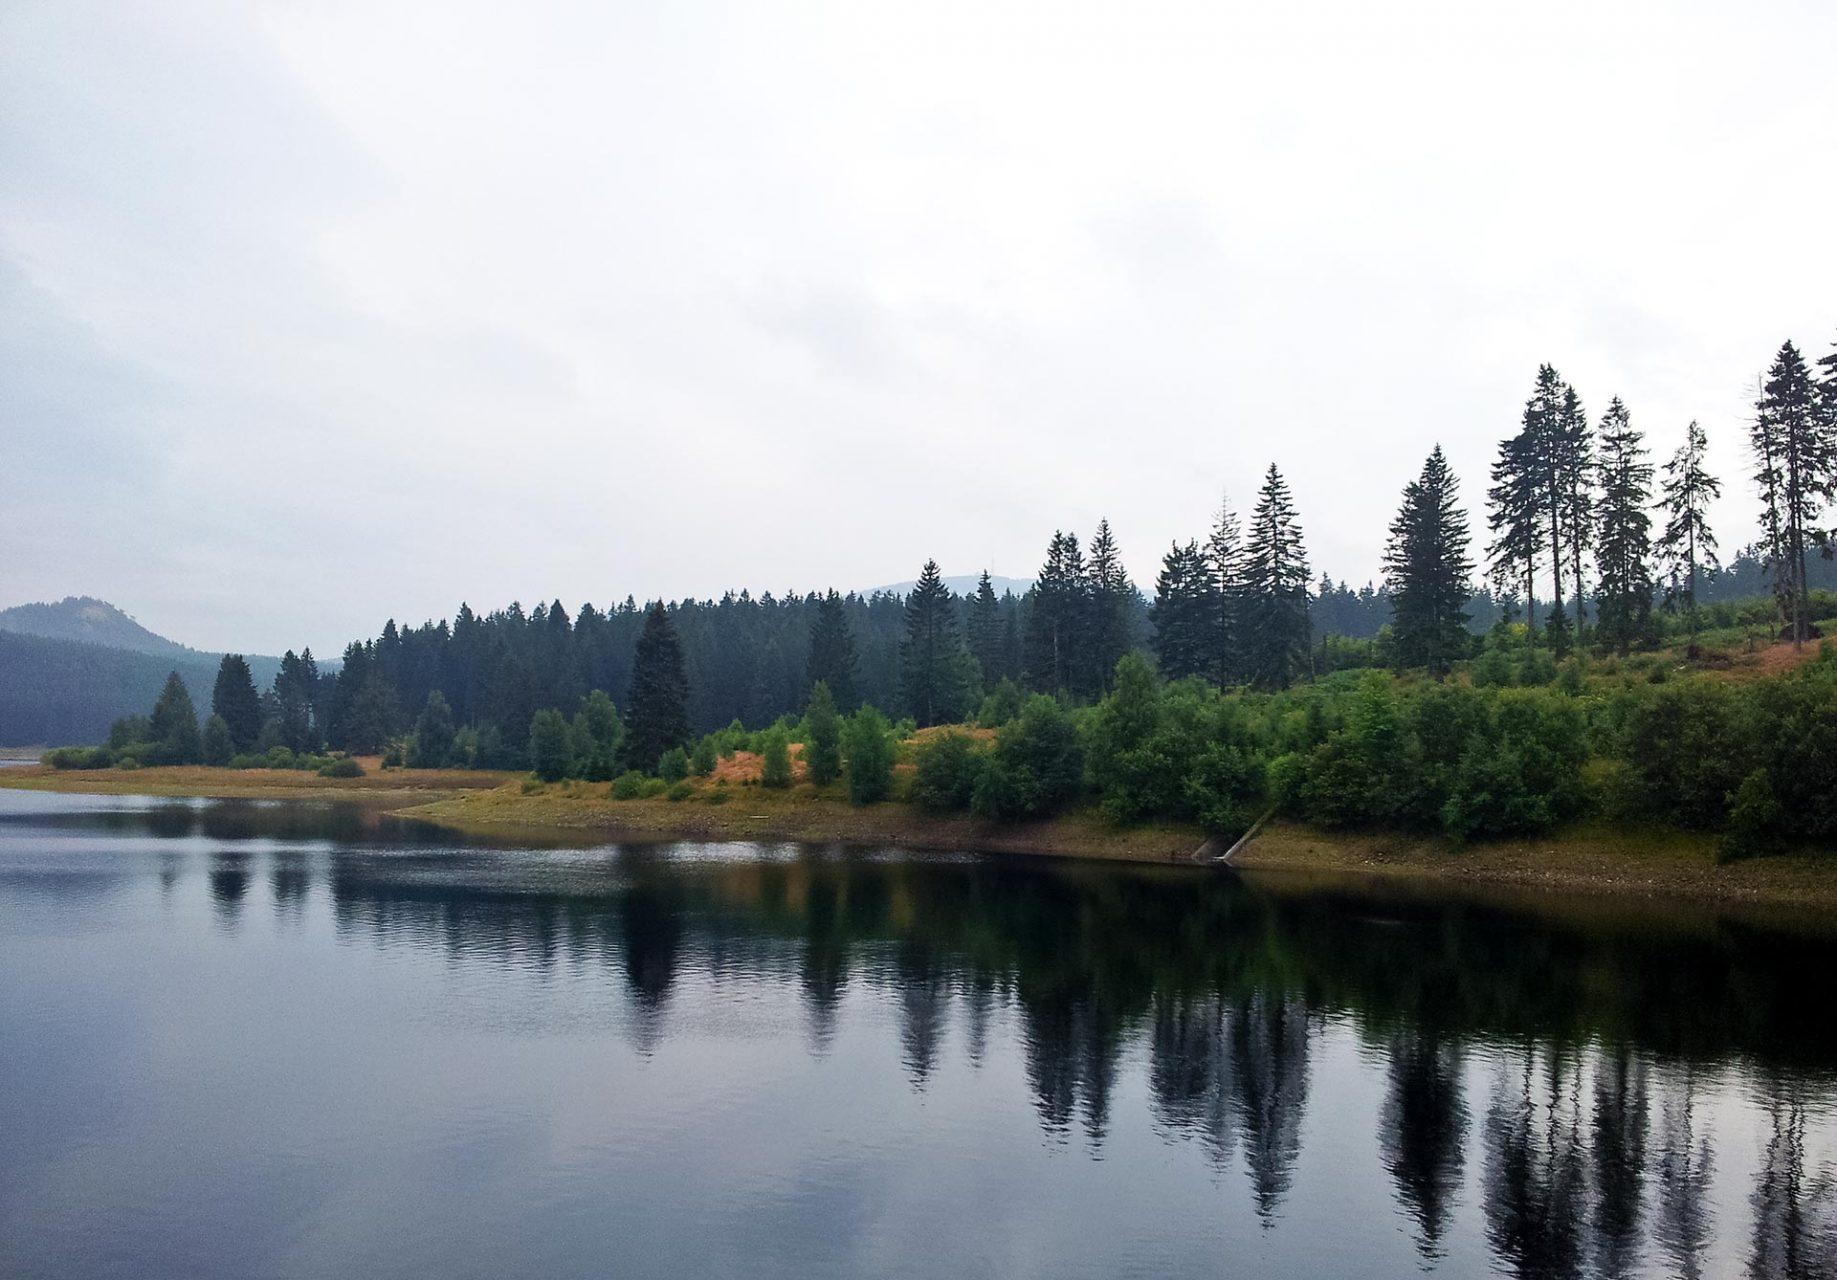 Der Wanderweg windet sich immer entlang des Ufers und garantiert damit schönste Ausblicke. Selbst bei schlechtem Wetter.